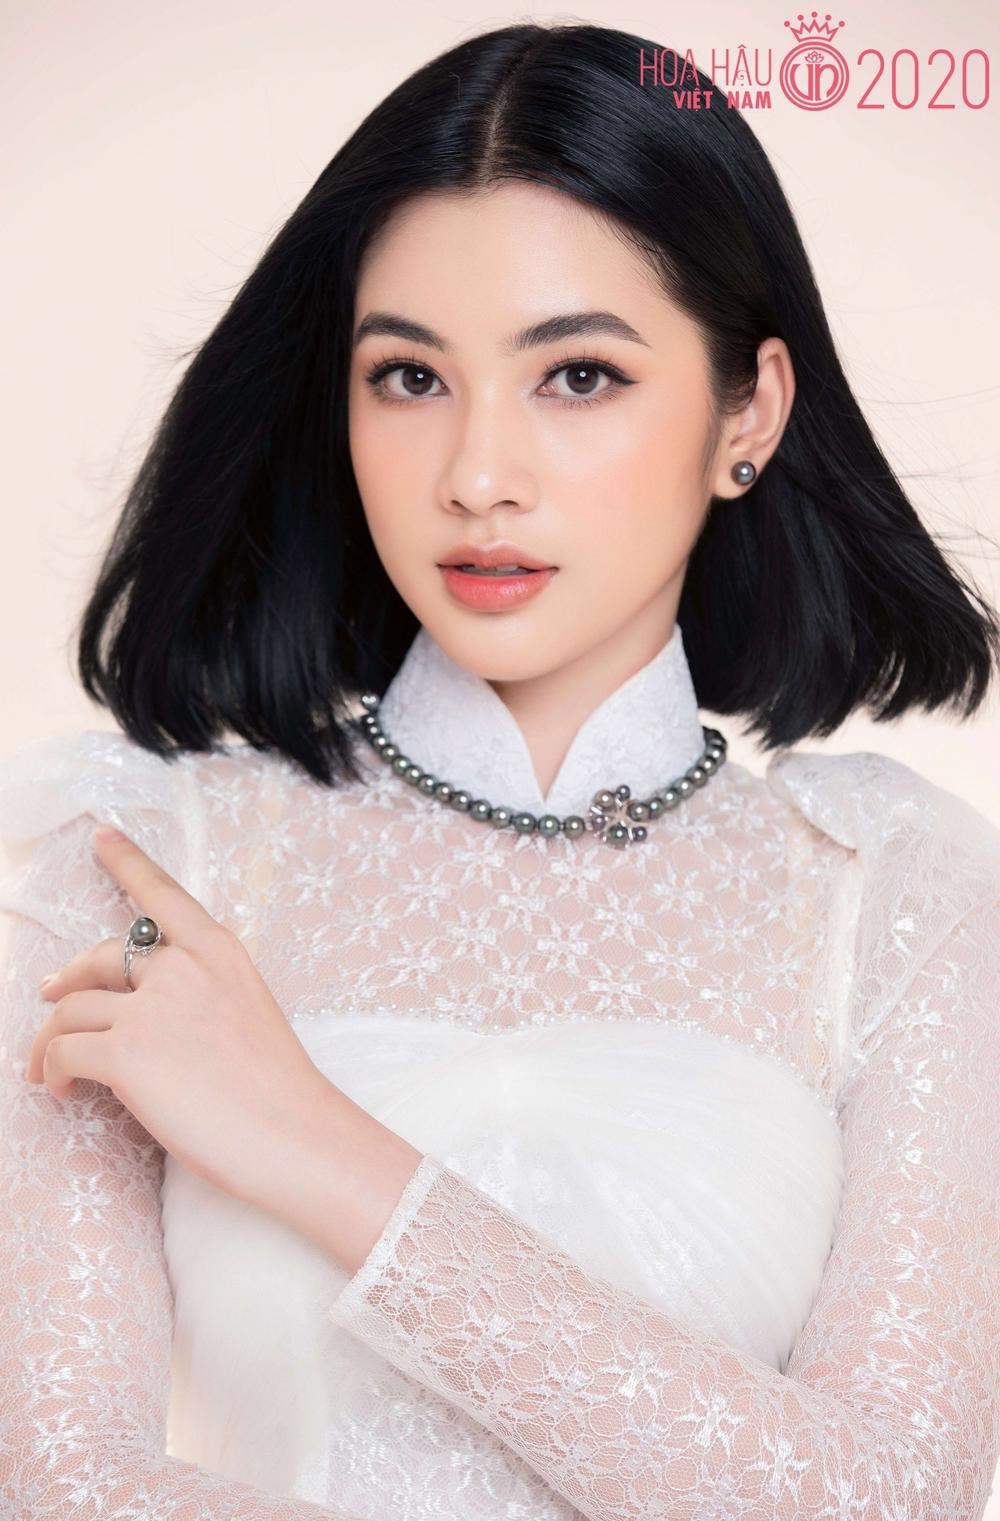 Sau 3 tháng ly hôn, chồng cũ Lệ Quyên hẹn hò thí sinh Hoa hậu Việt Nam - Cẩm Đan: Chênh nhau 27 tuổi Ảnh 4